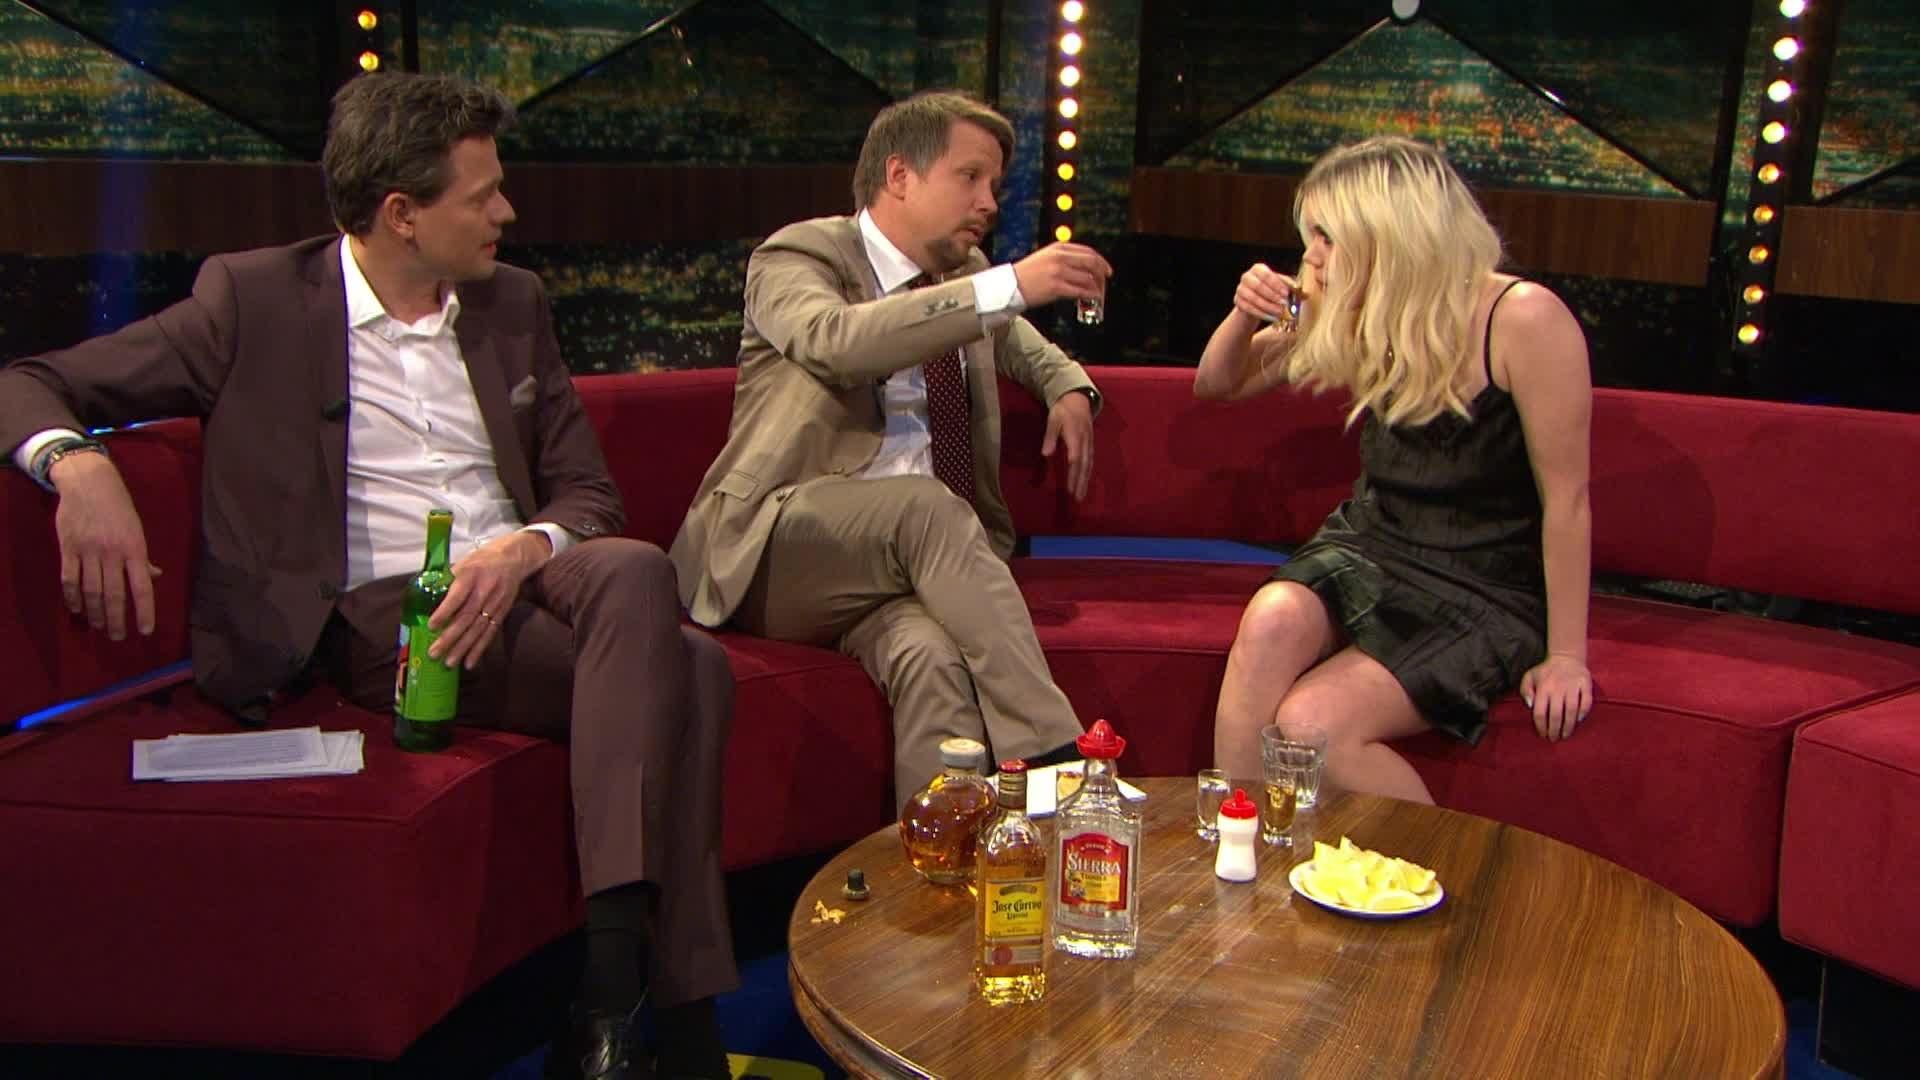 Fredrik Wikingsson, Filip Hammar, and Little Jinder in Breaking News med Filip och Fredrik (2011)